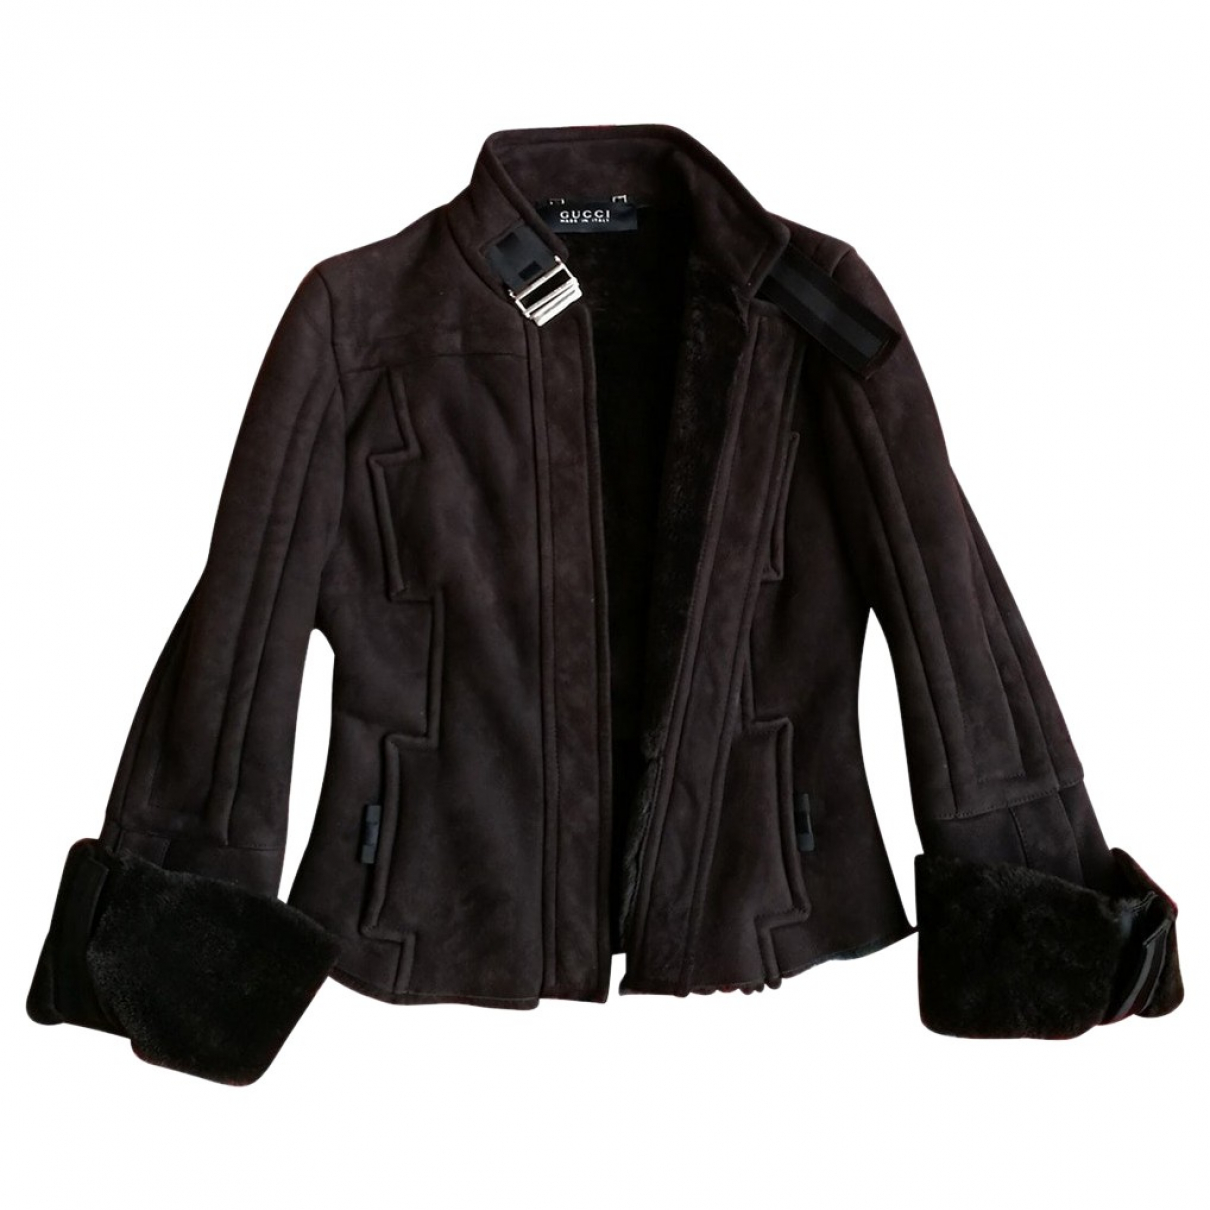 Gucci - Veste   pour femme en cuir - marron